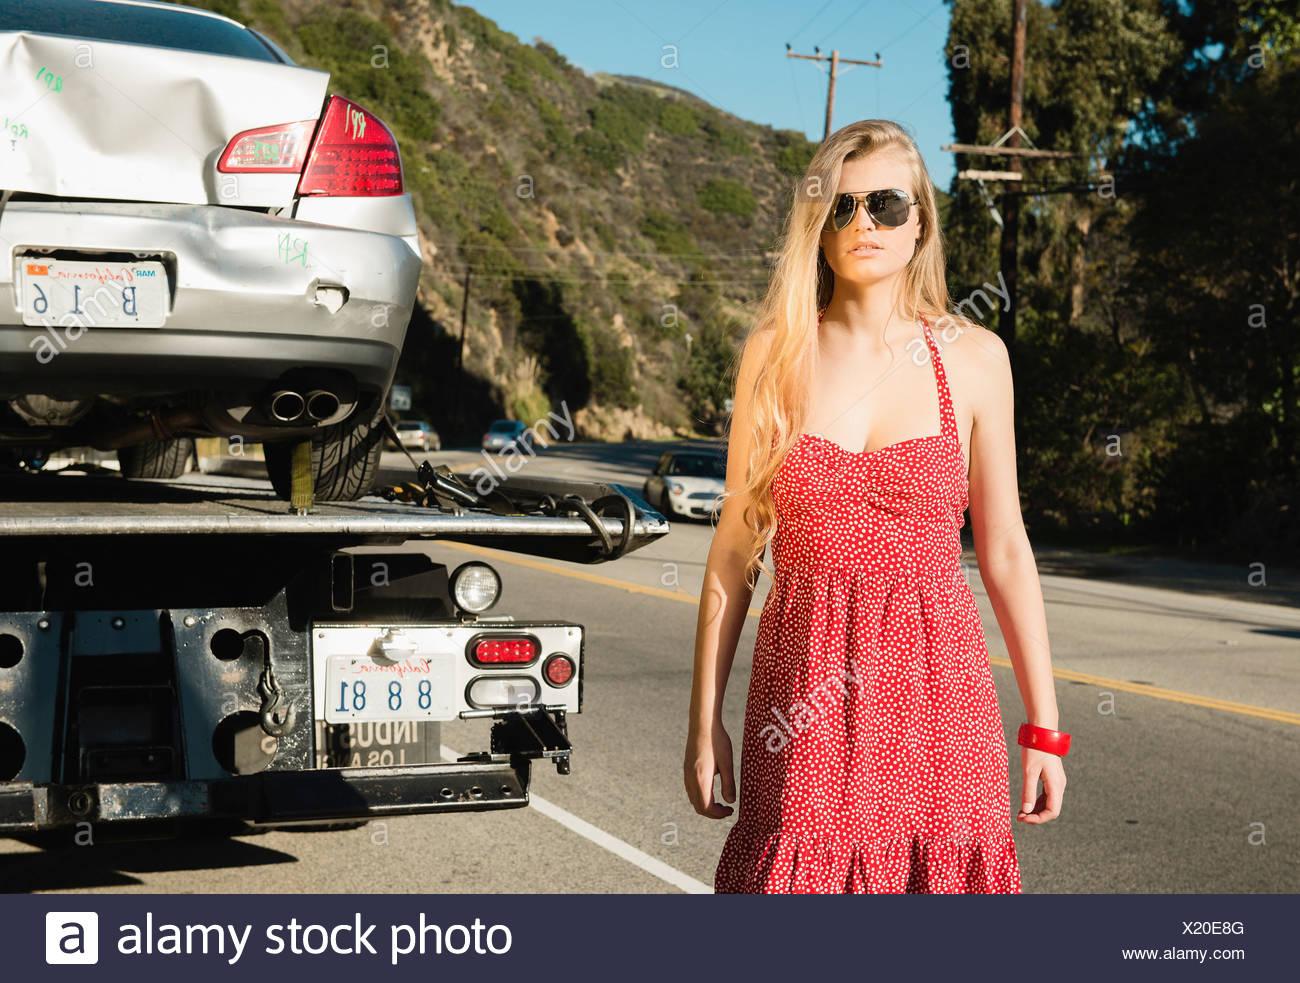 Giovane donna che guarda la telecamera come carrello di traino prende il via auto danneggiata Foto Stock